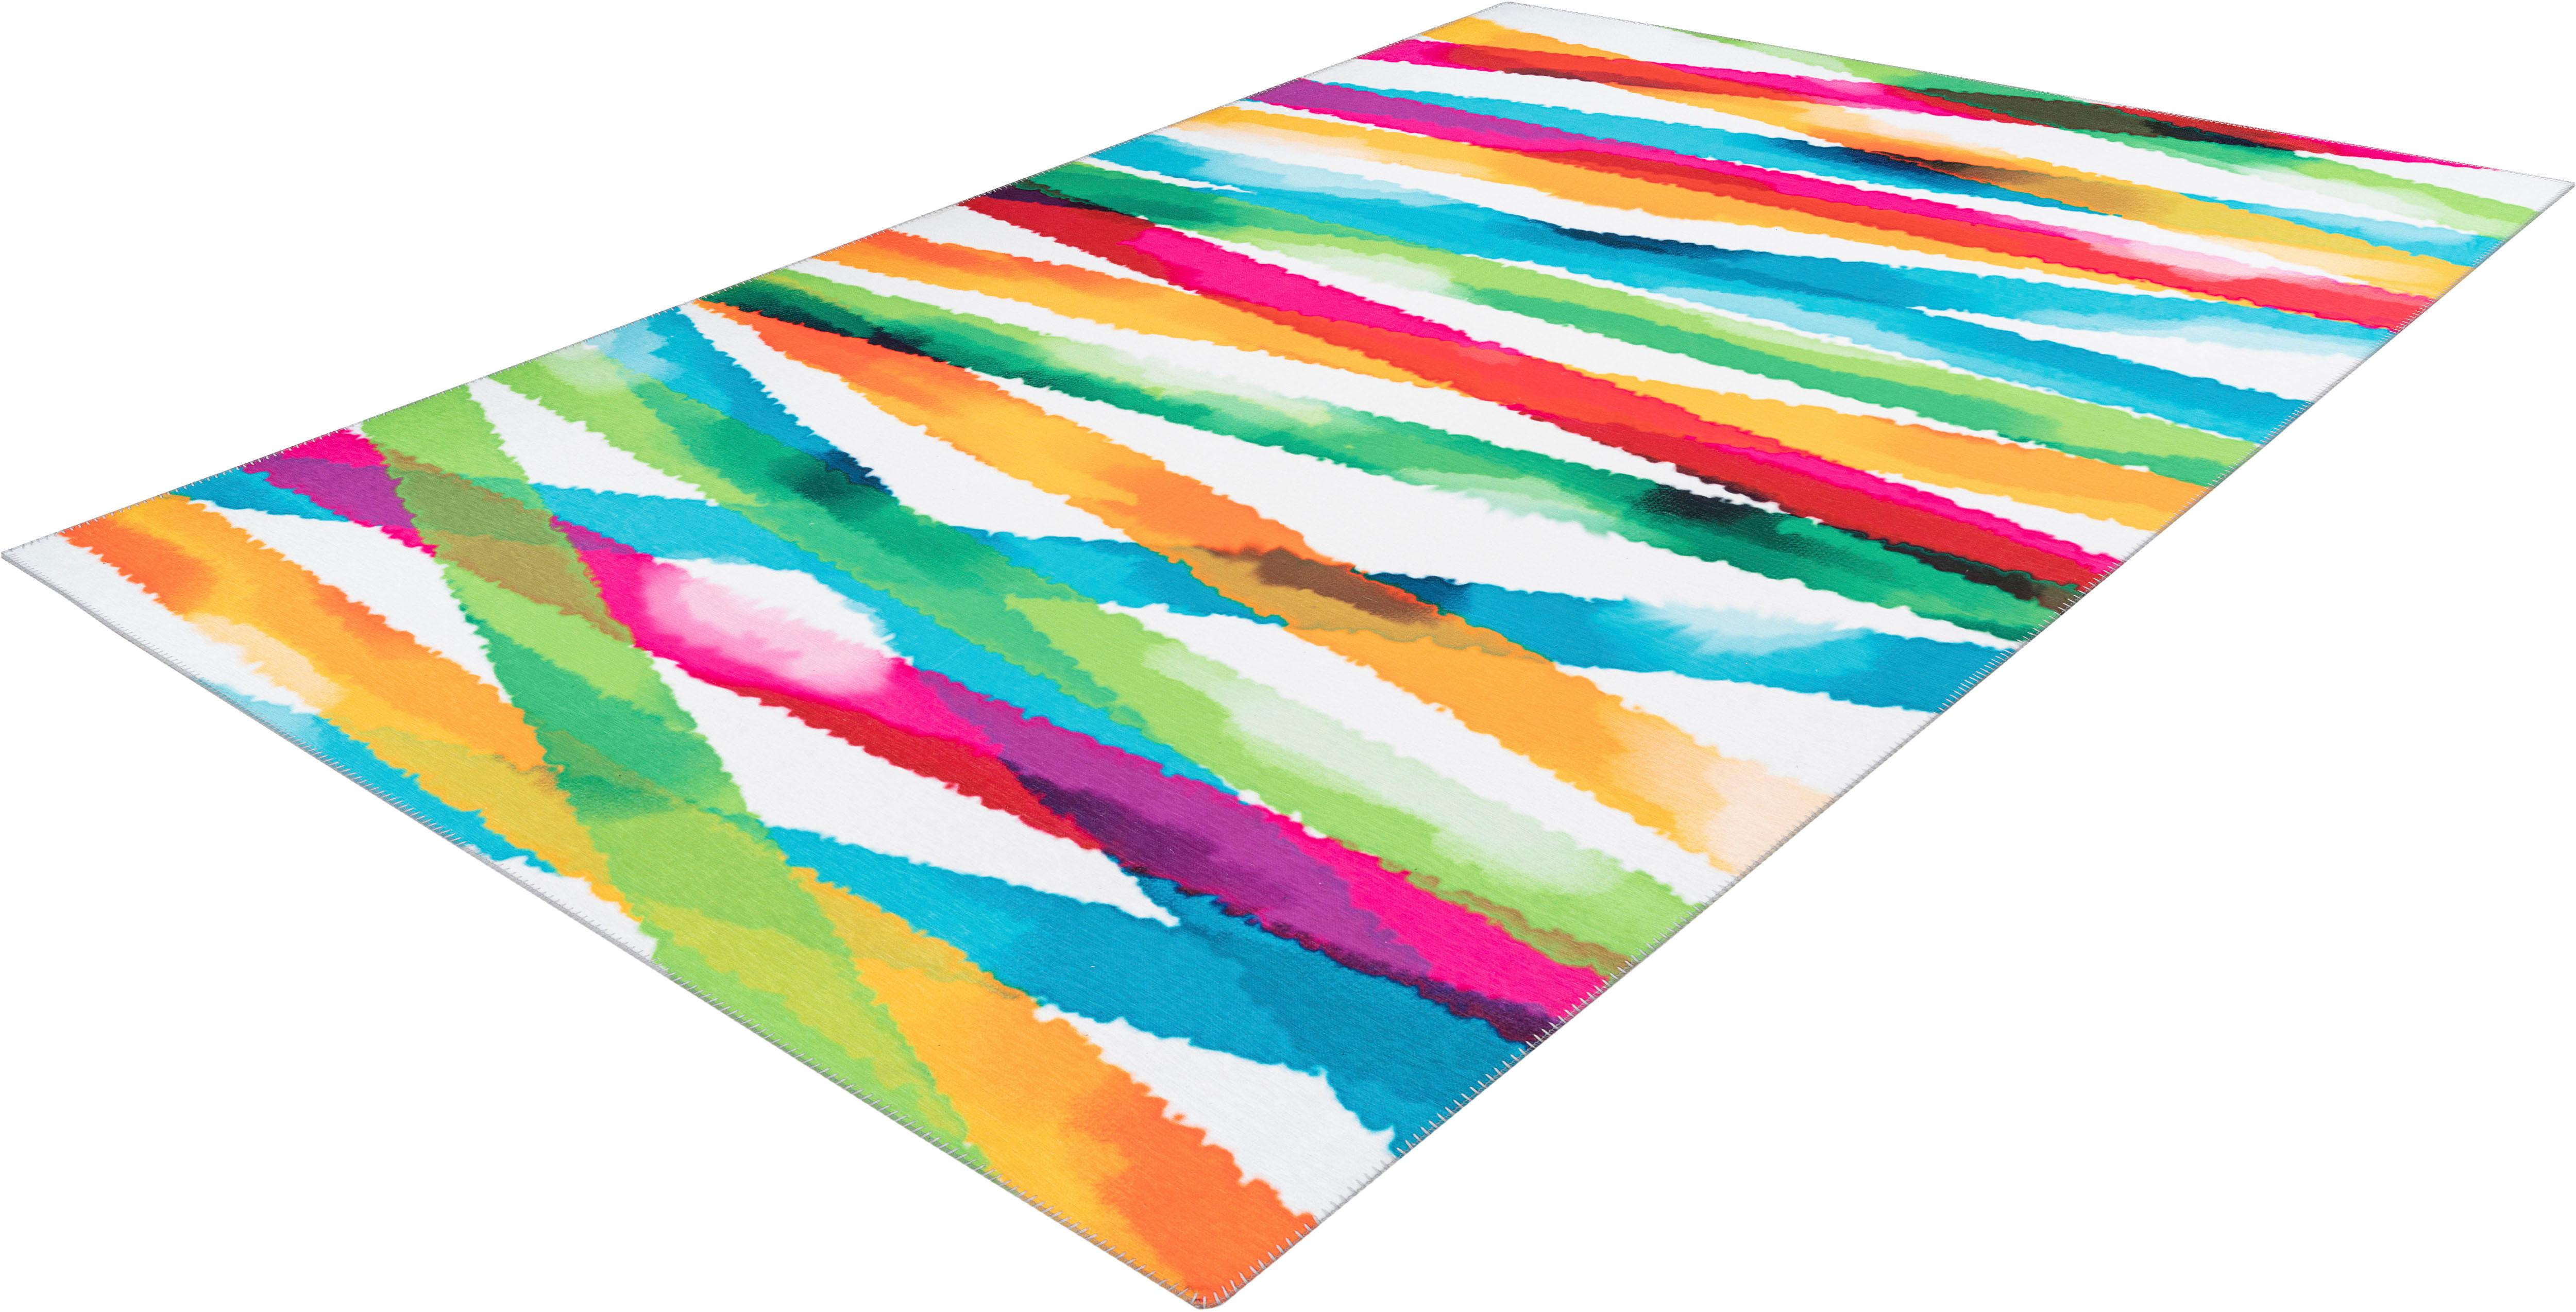 Teppich Galaxy 500 Arte Espina rechteckig Höhe 6 mm maschinell gewebt